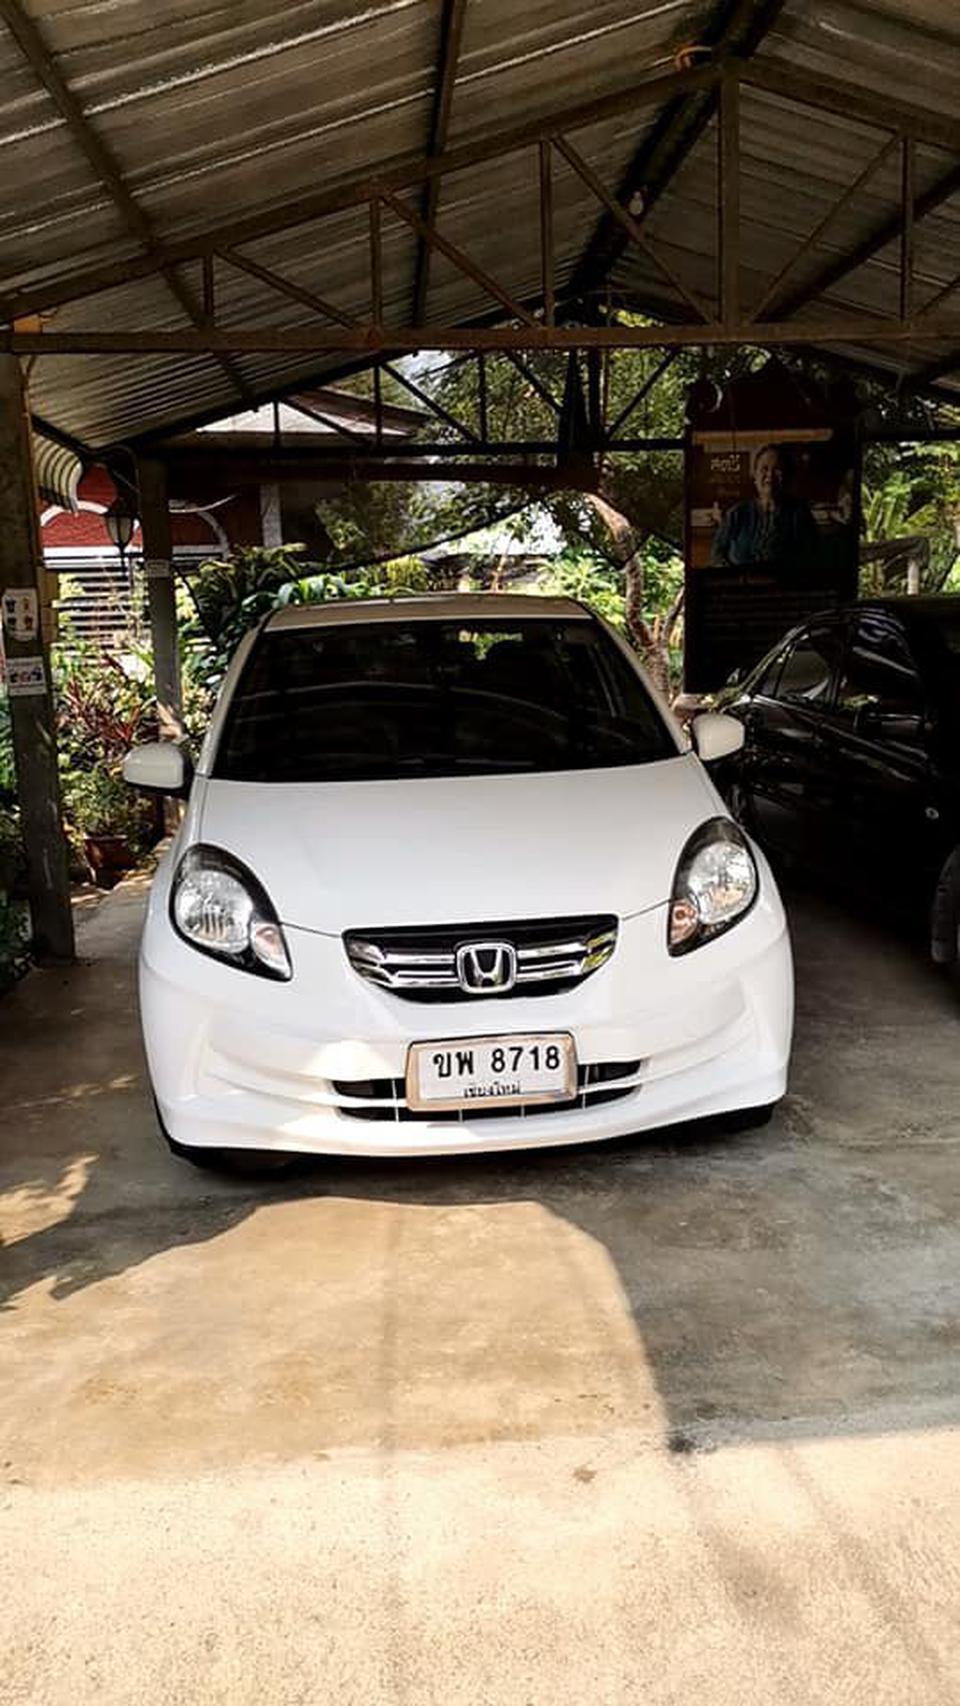 ขายรถบ้าน Honda Brio Amaze 1.2V/AT ตัวท๊อปปี 2013 รูปที่ 1